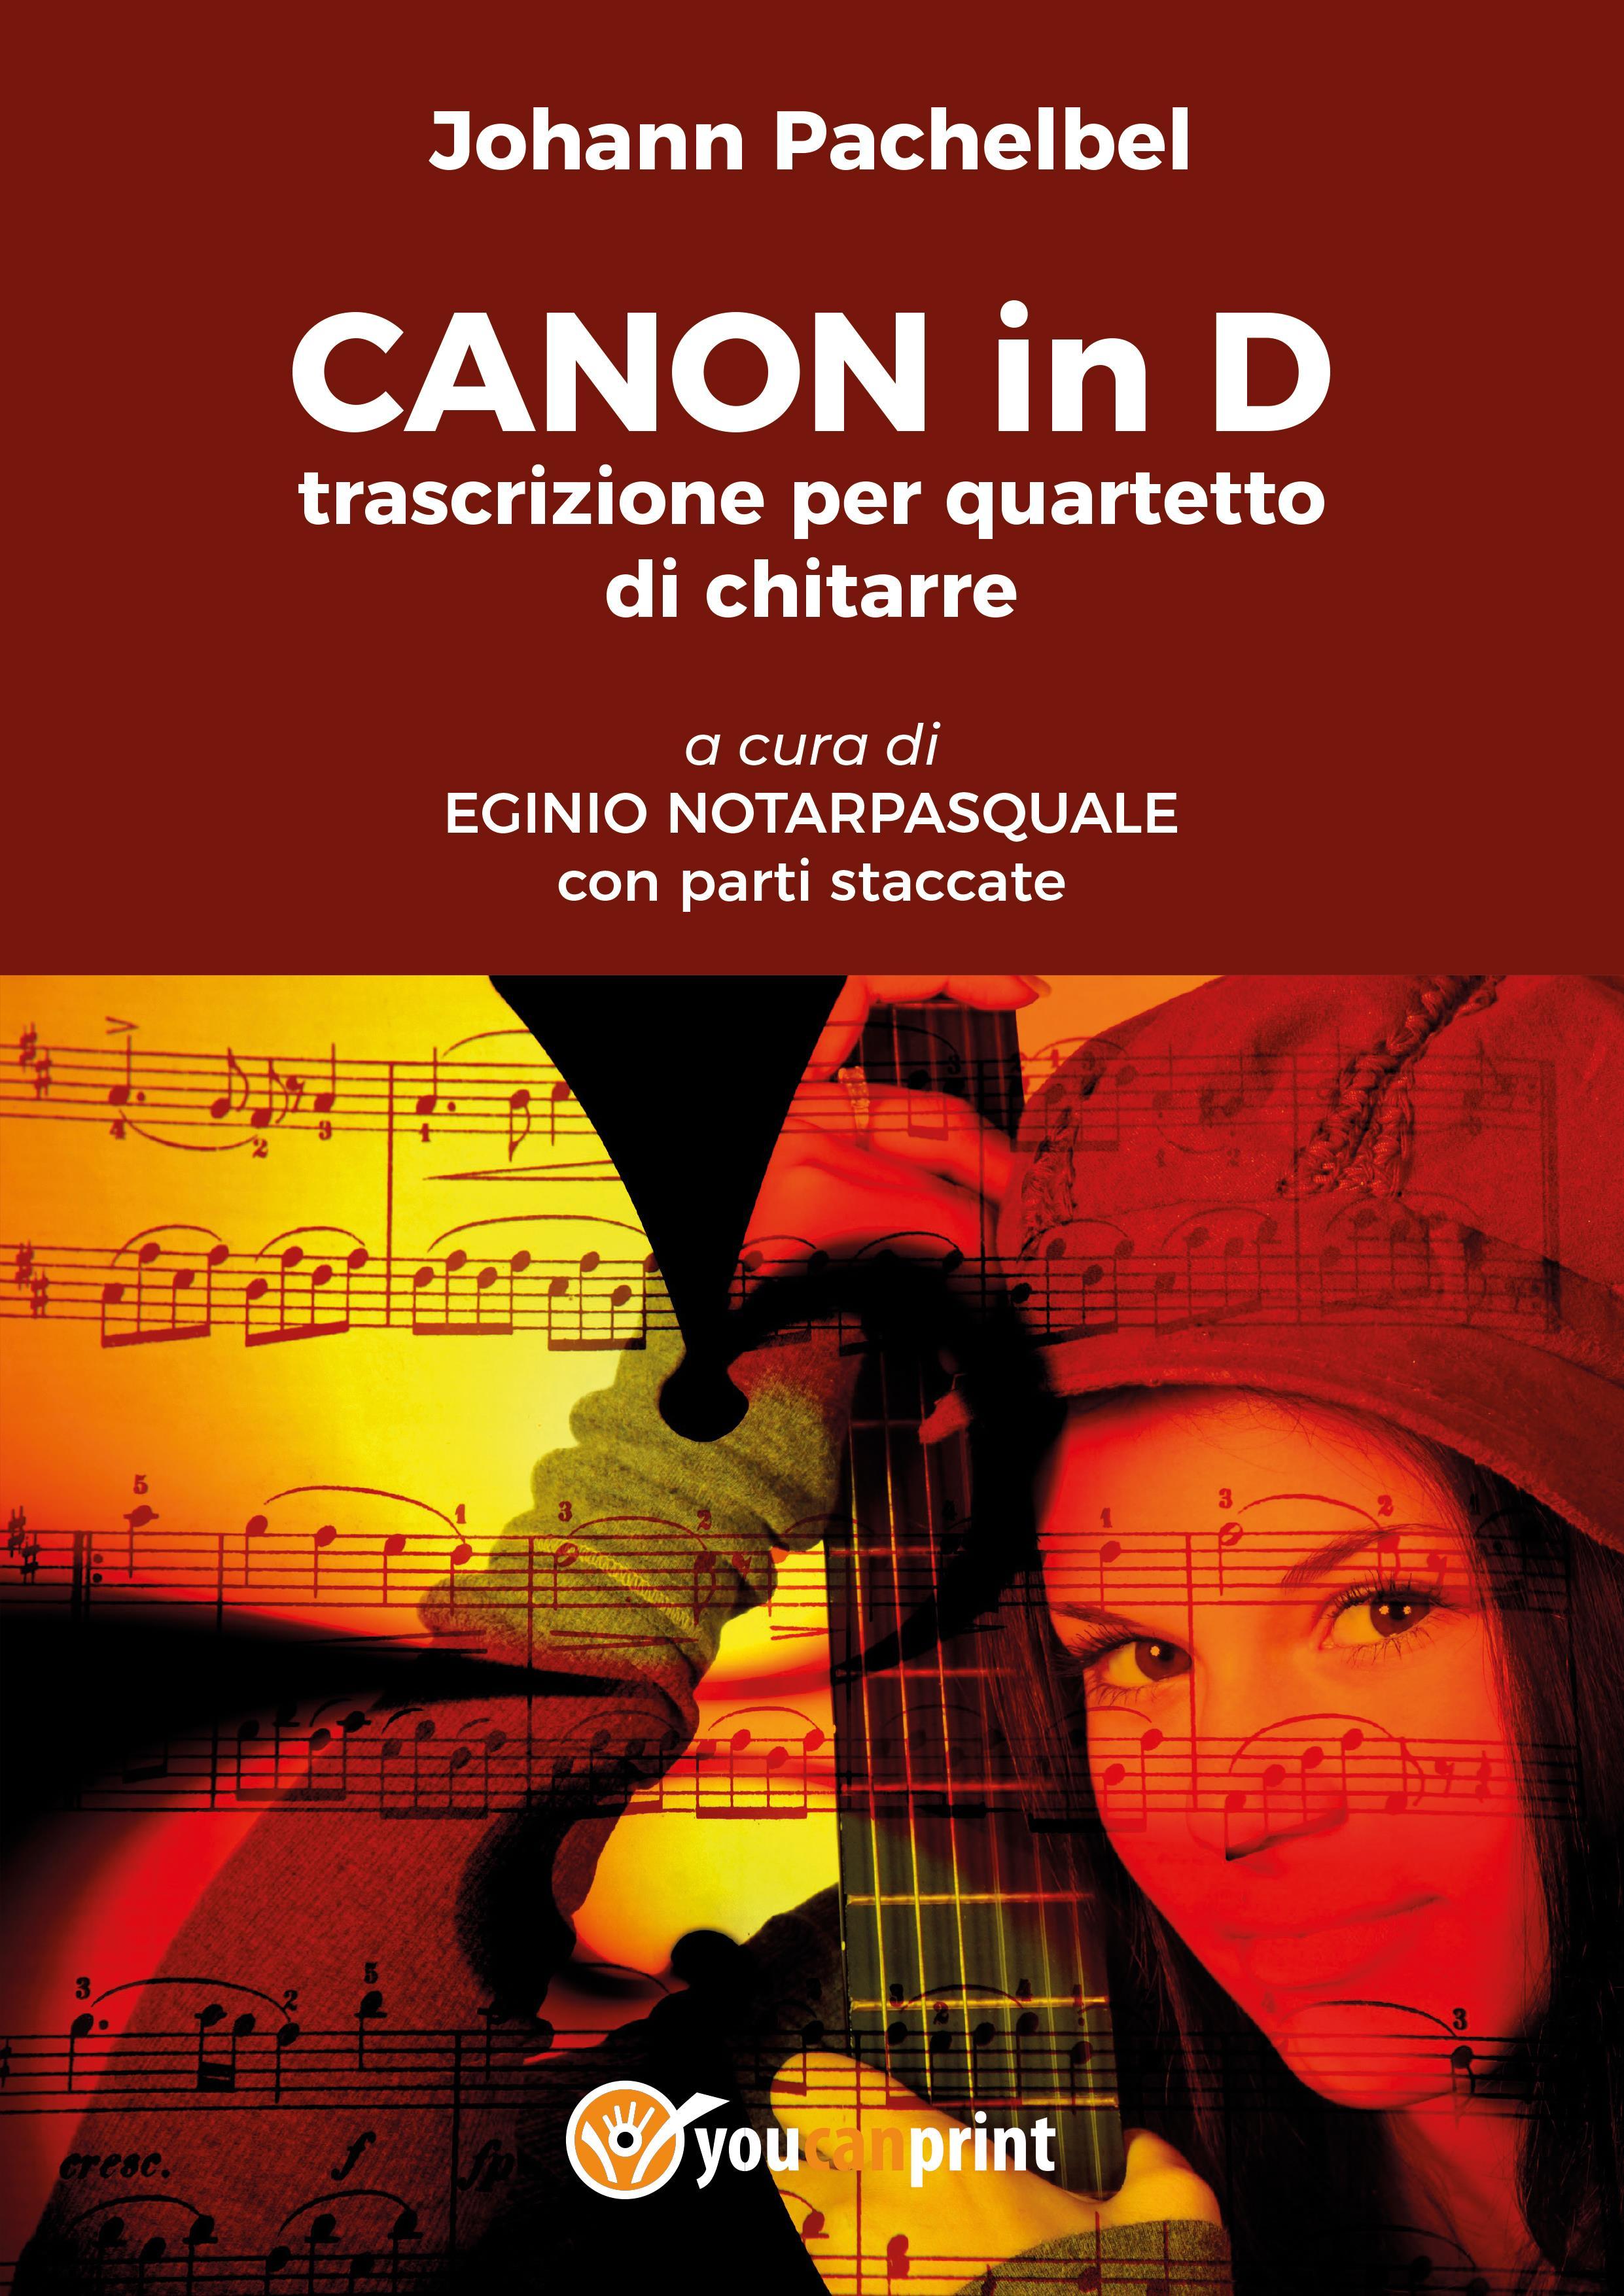 Johann Pachelbel CANON in D trascrizione per quartetto di chitarre a cura di EGINIO NOTARPASQUALE con parti staccate